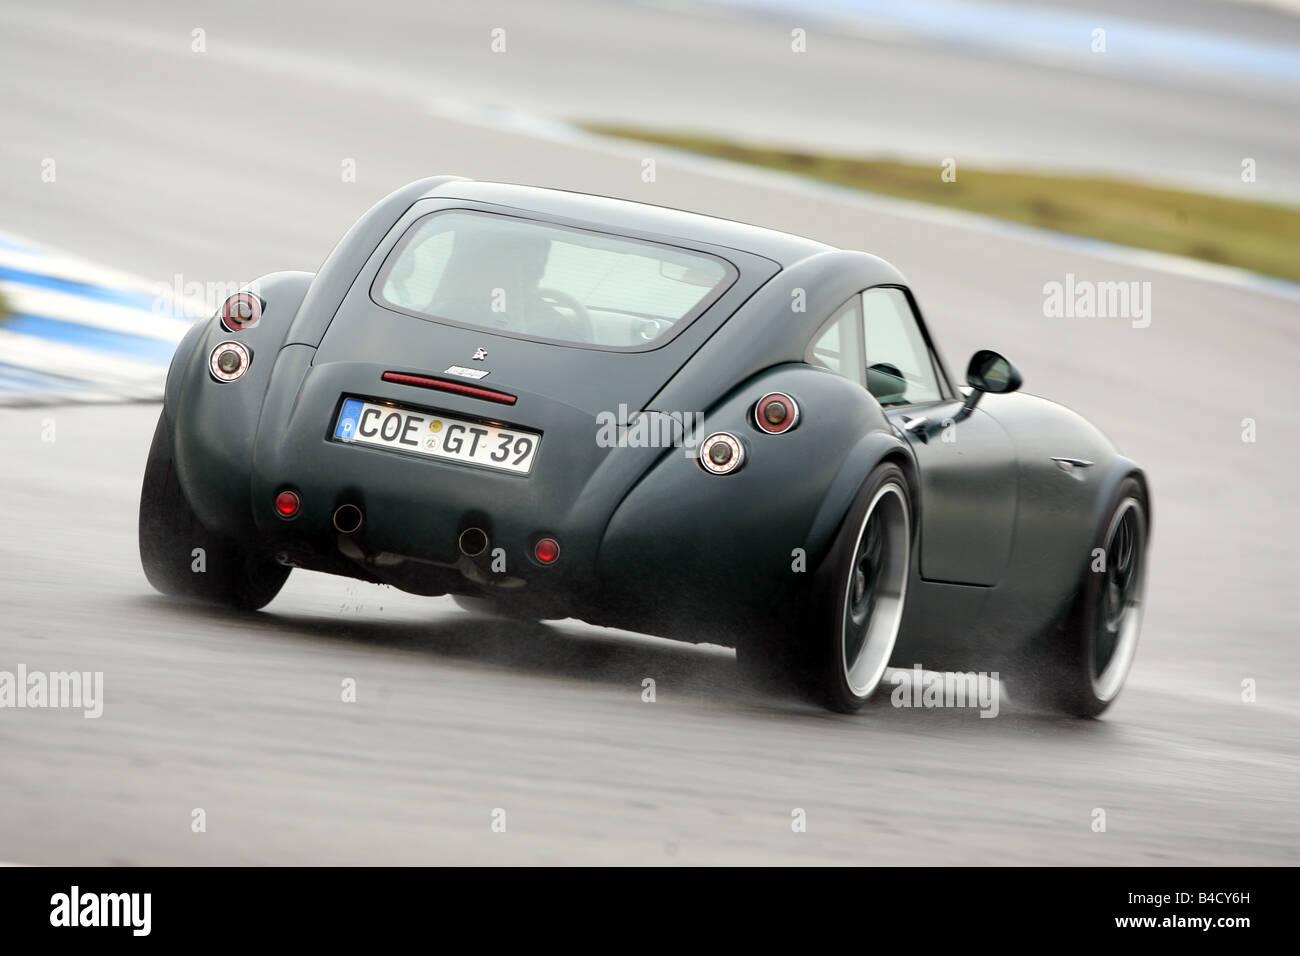 Wiesmann GT, fahren, Diagonal von der Rückseite, hintere Ansicht Teststrecke Stockbild